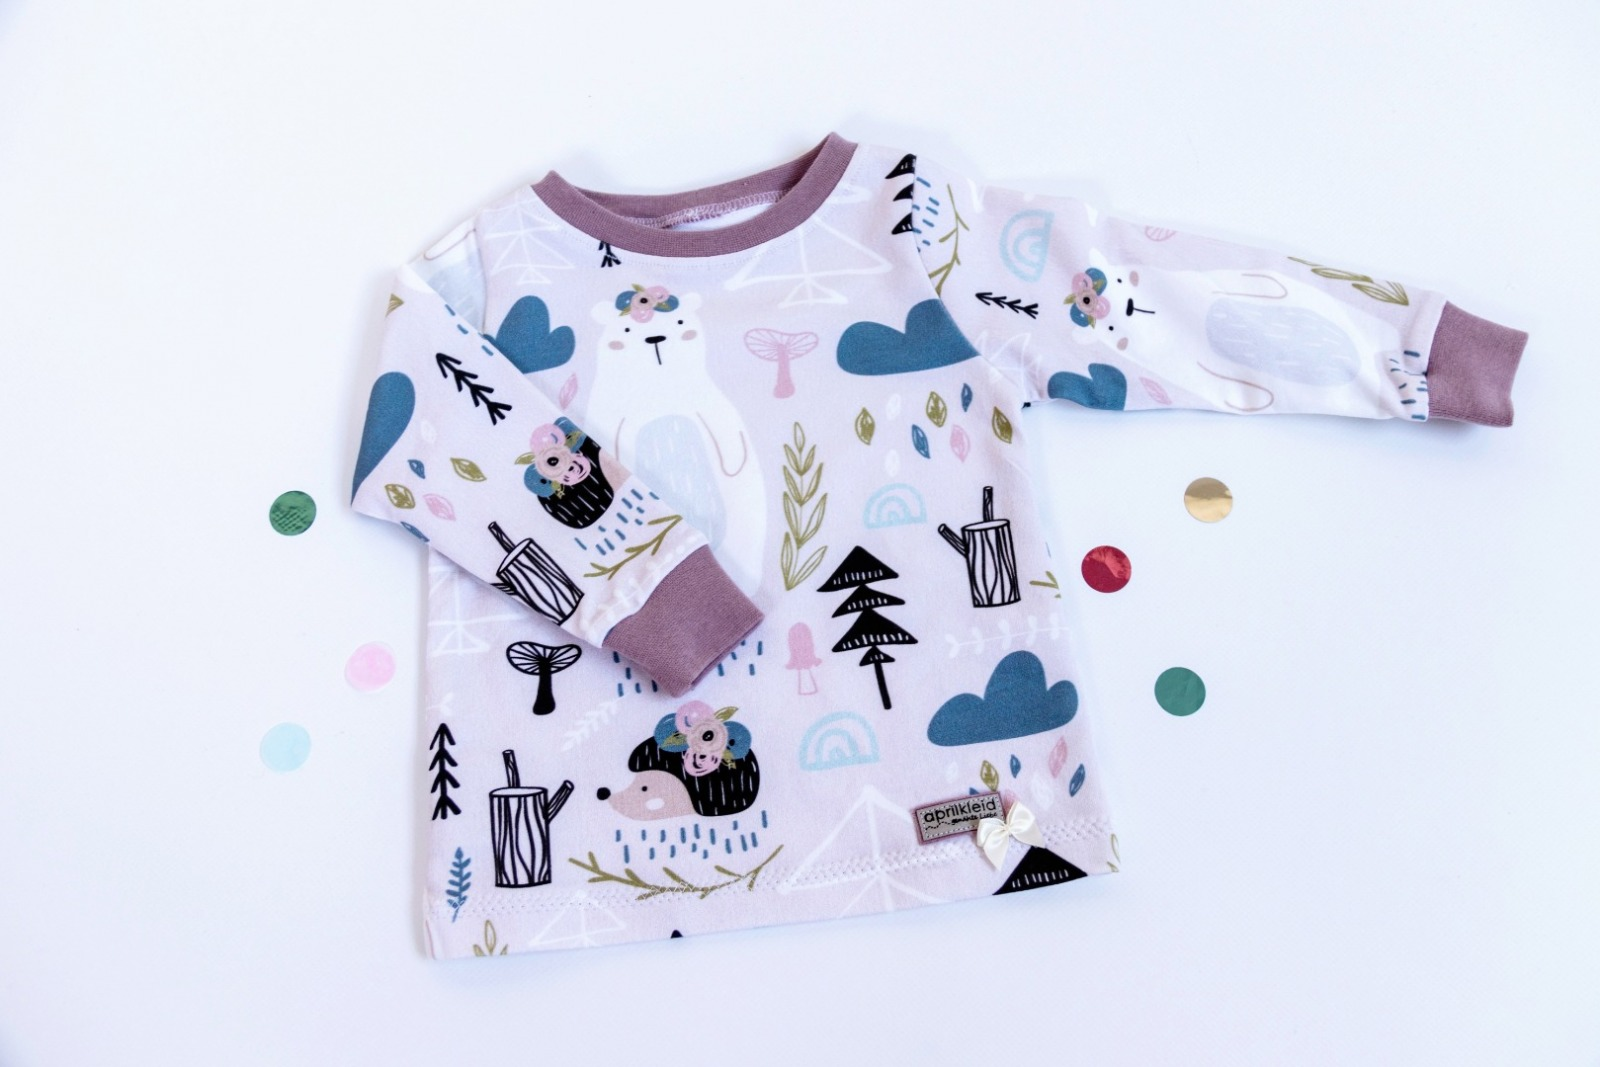 Sofortkauf Handmade Sweatshirt Mädchen Gr von